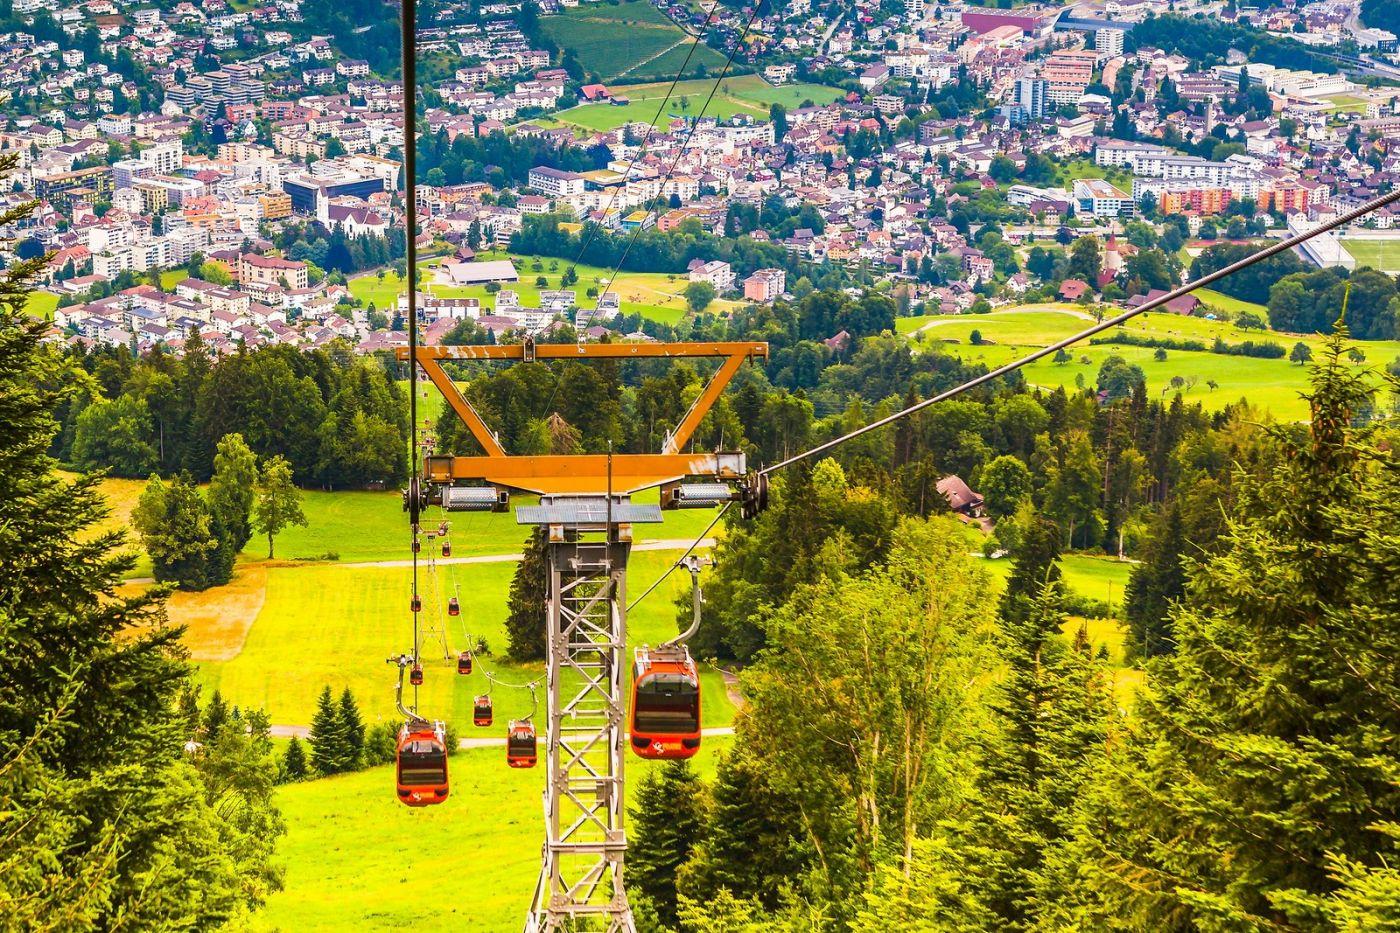 瑞士卢塞恩(Lucerne),坐缆车看风景_图1-2